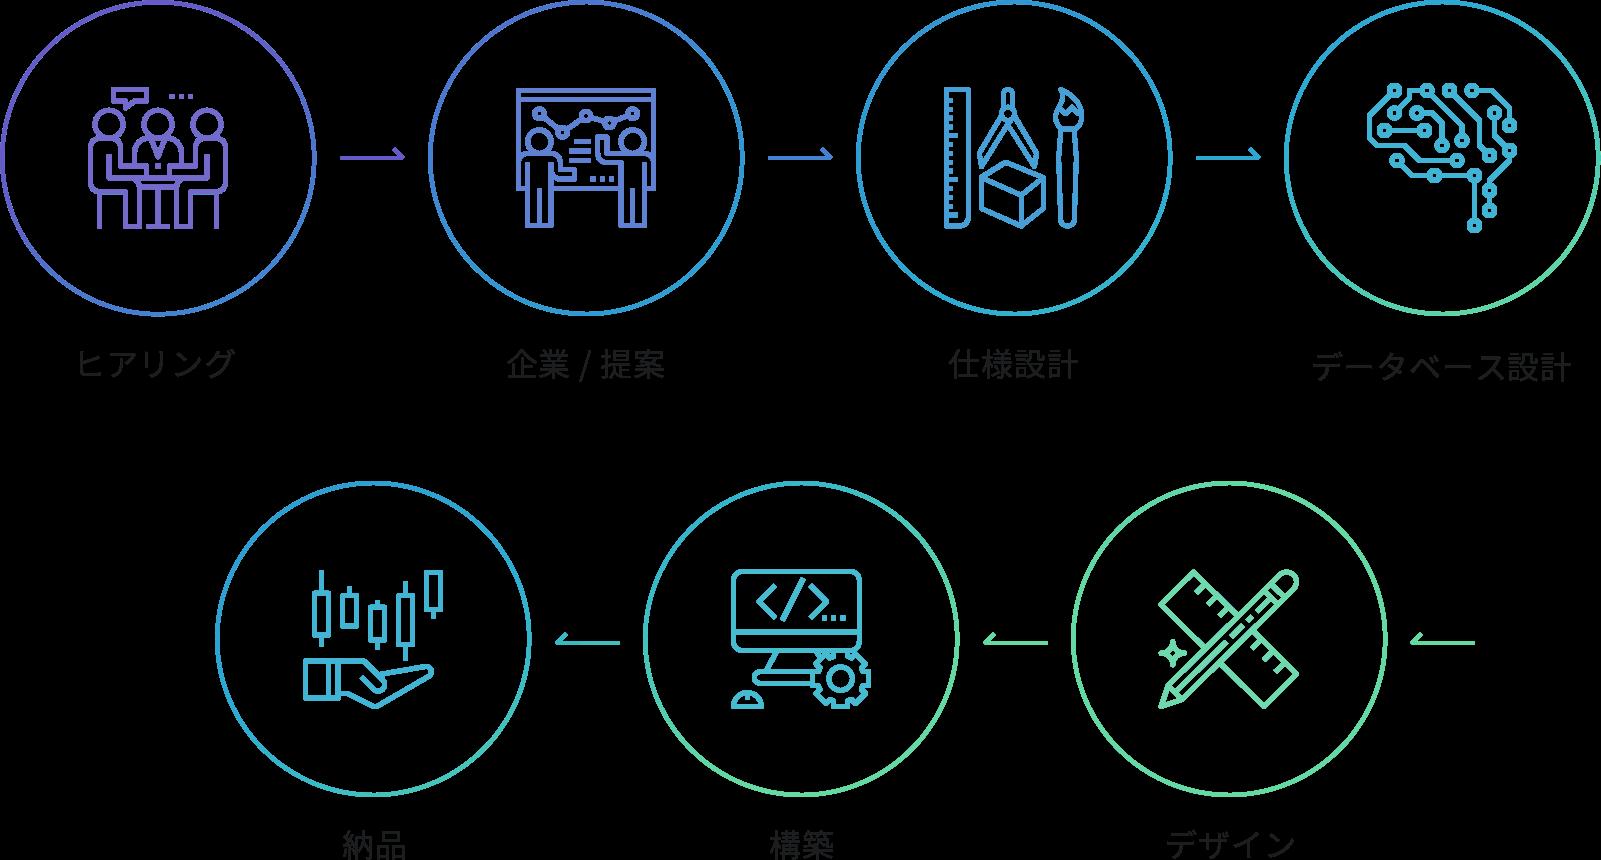 お客様の環境にあったシステムで、業務効率や営業販促として充実したツールに